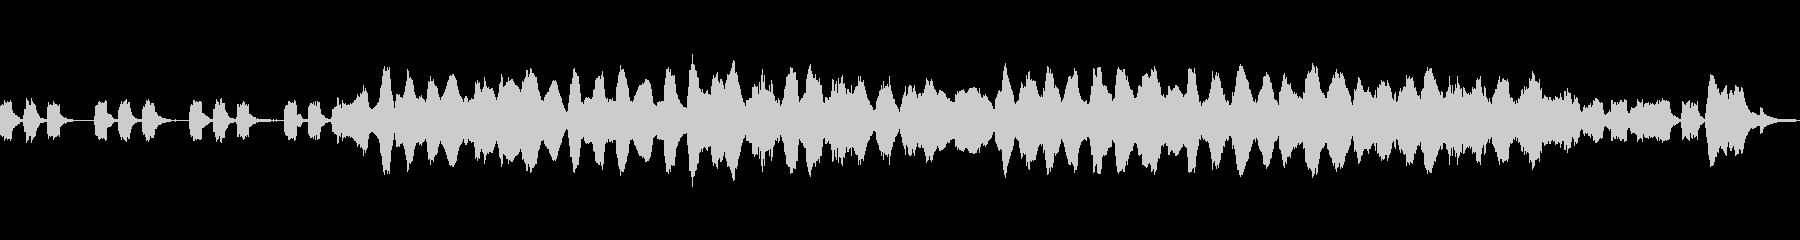 喪失感のあるクラシックの未再生の波形